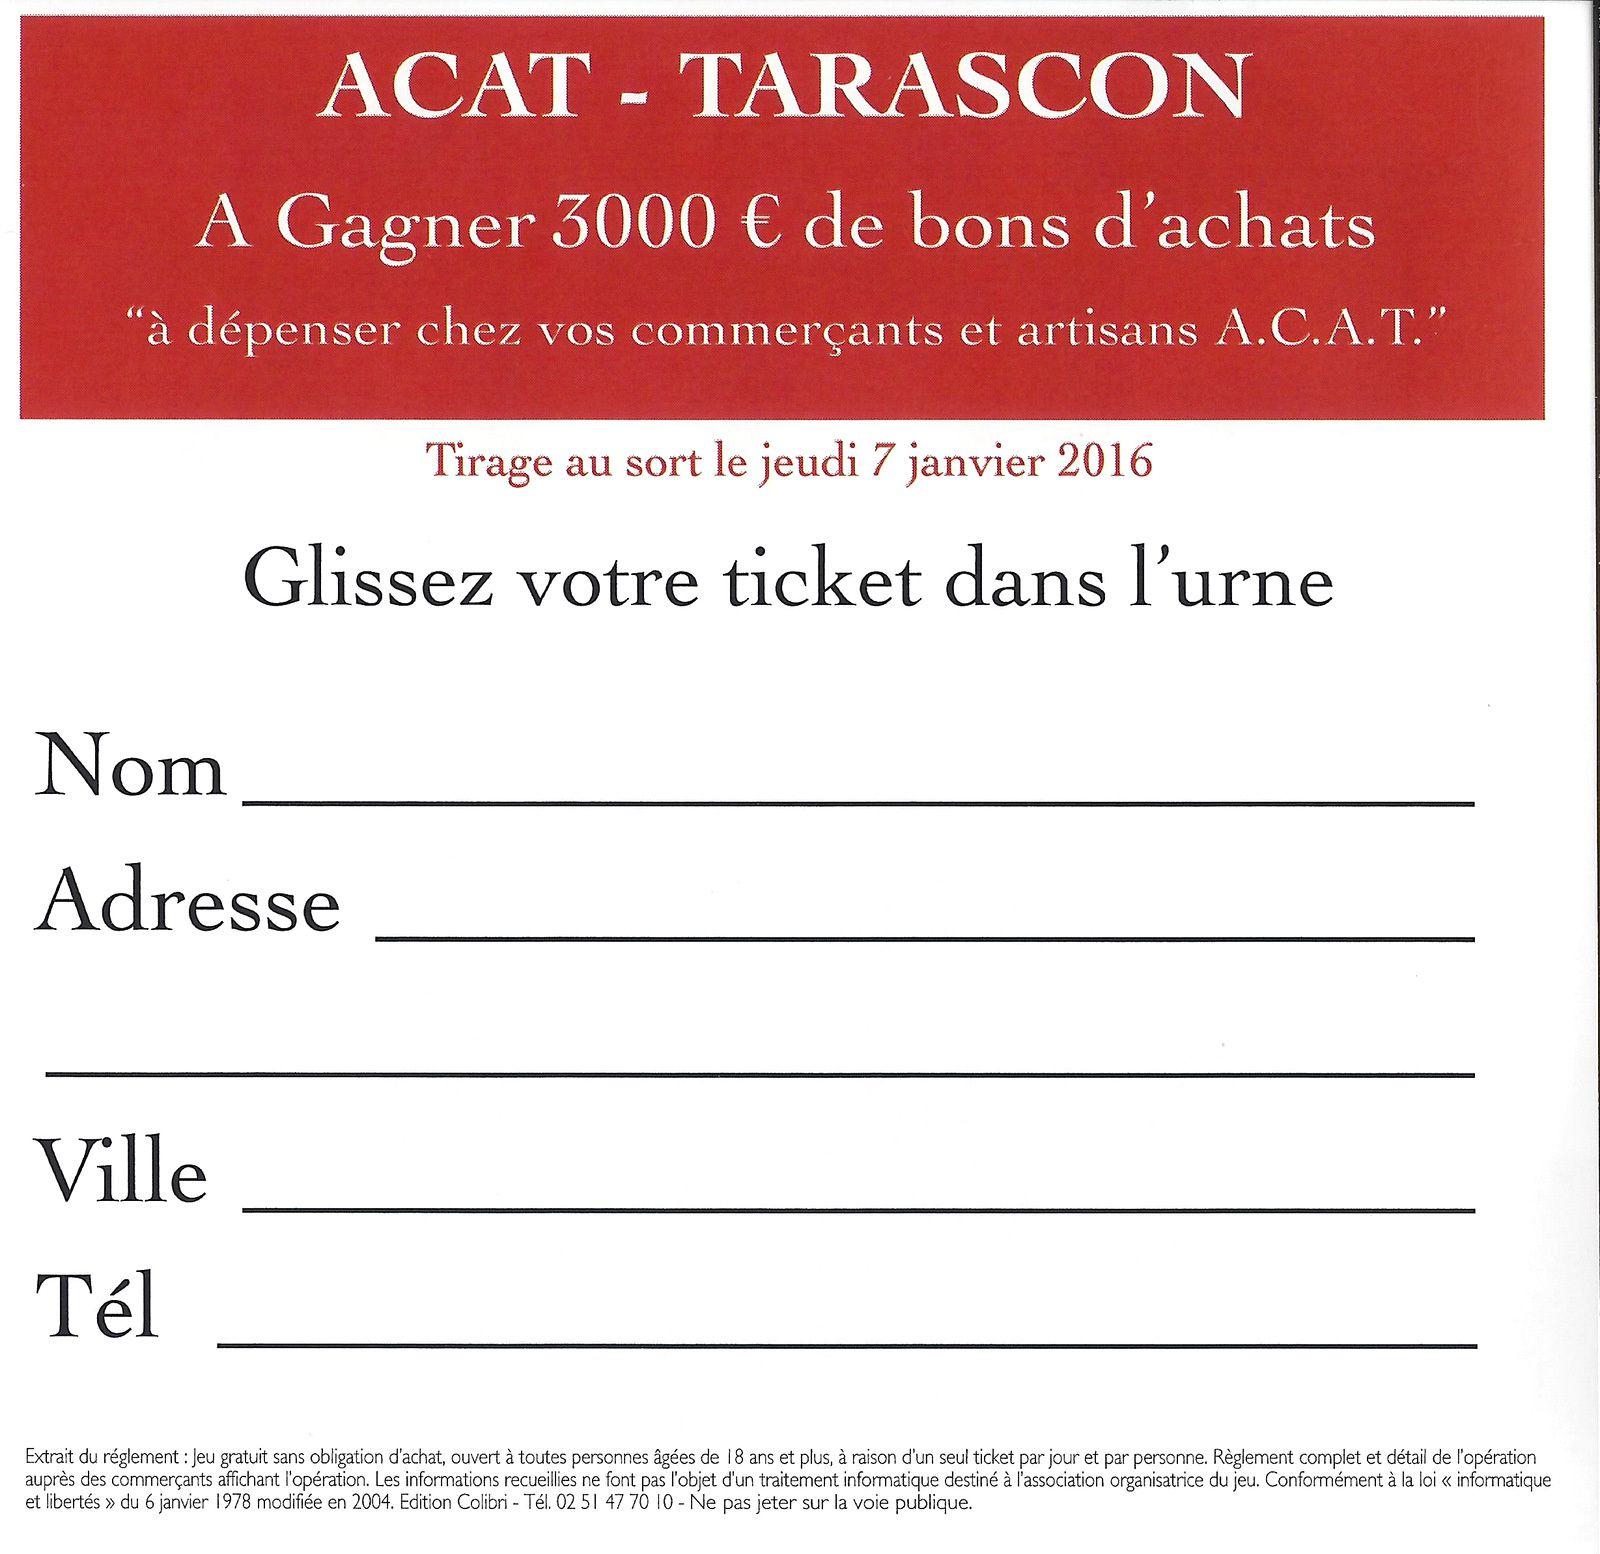 Remplissez correctement votre ticket et glissez-le dans l'urne !